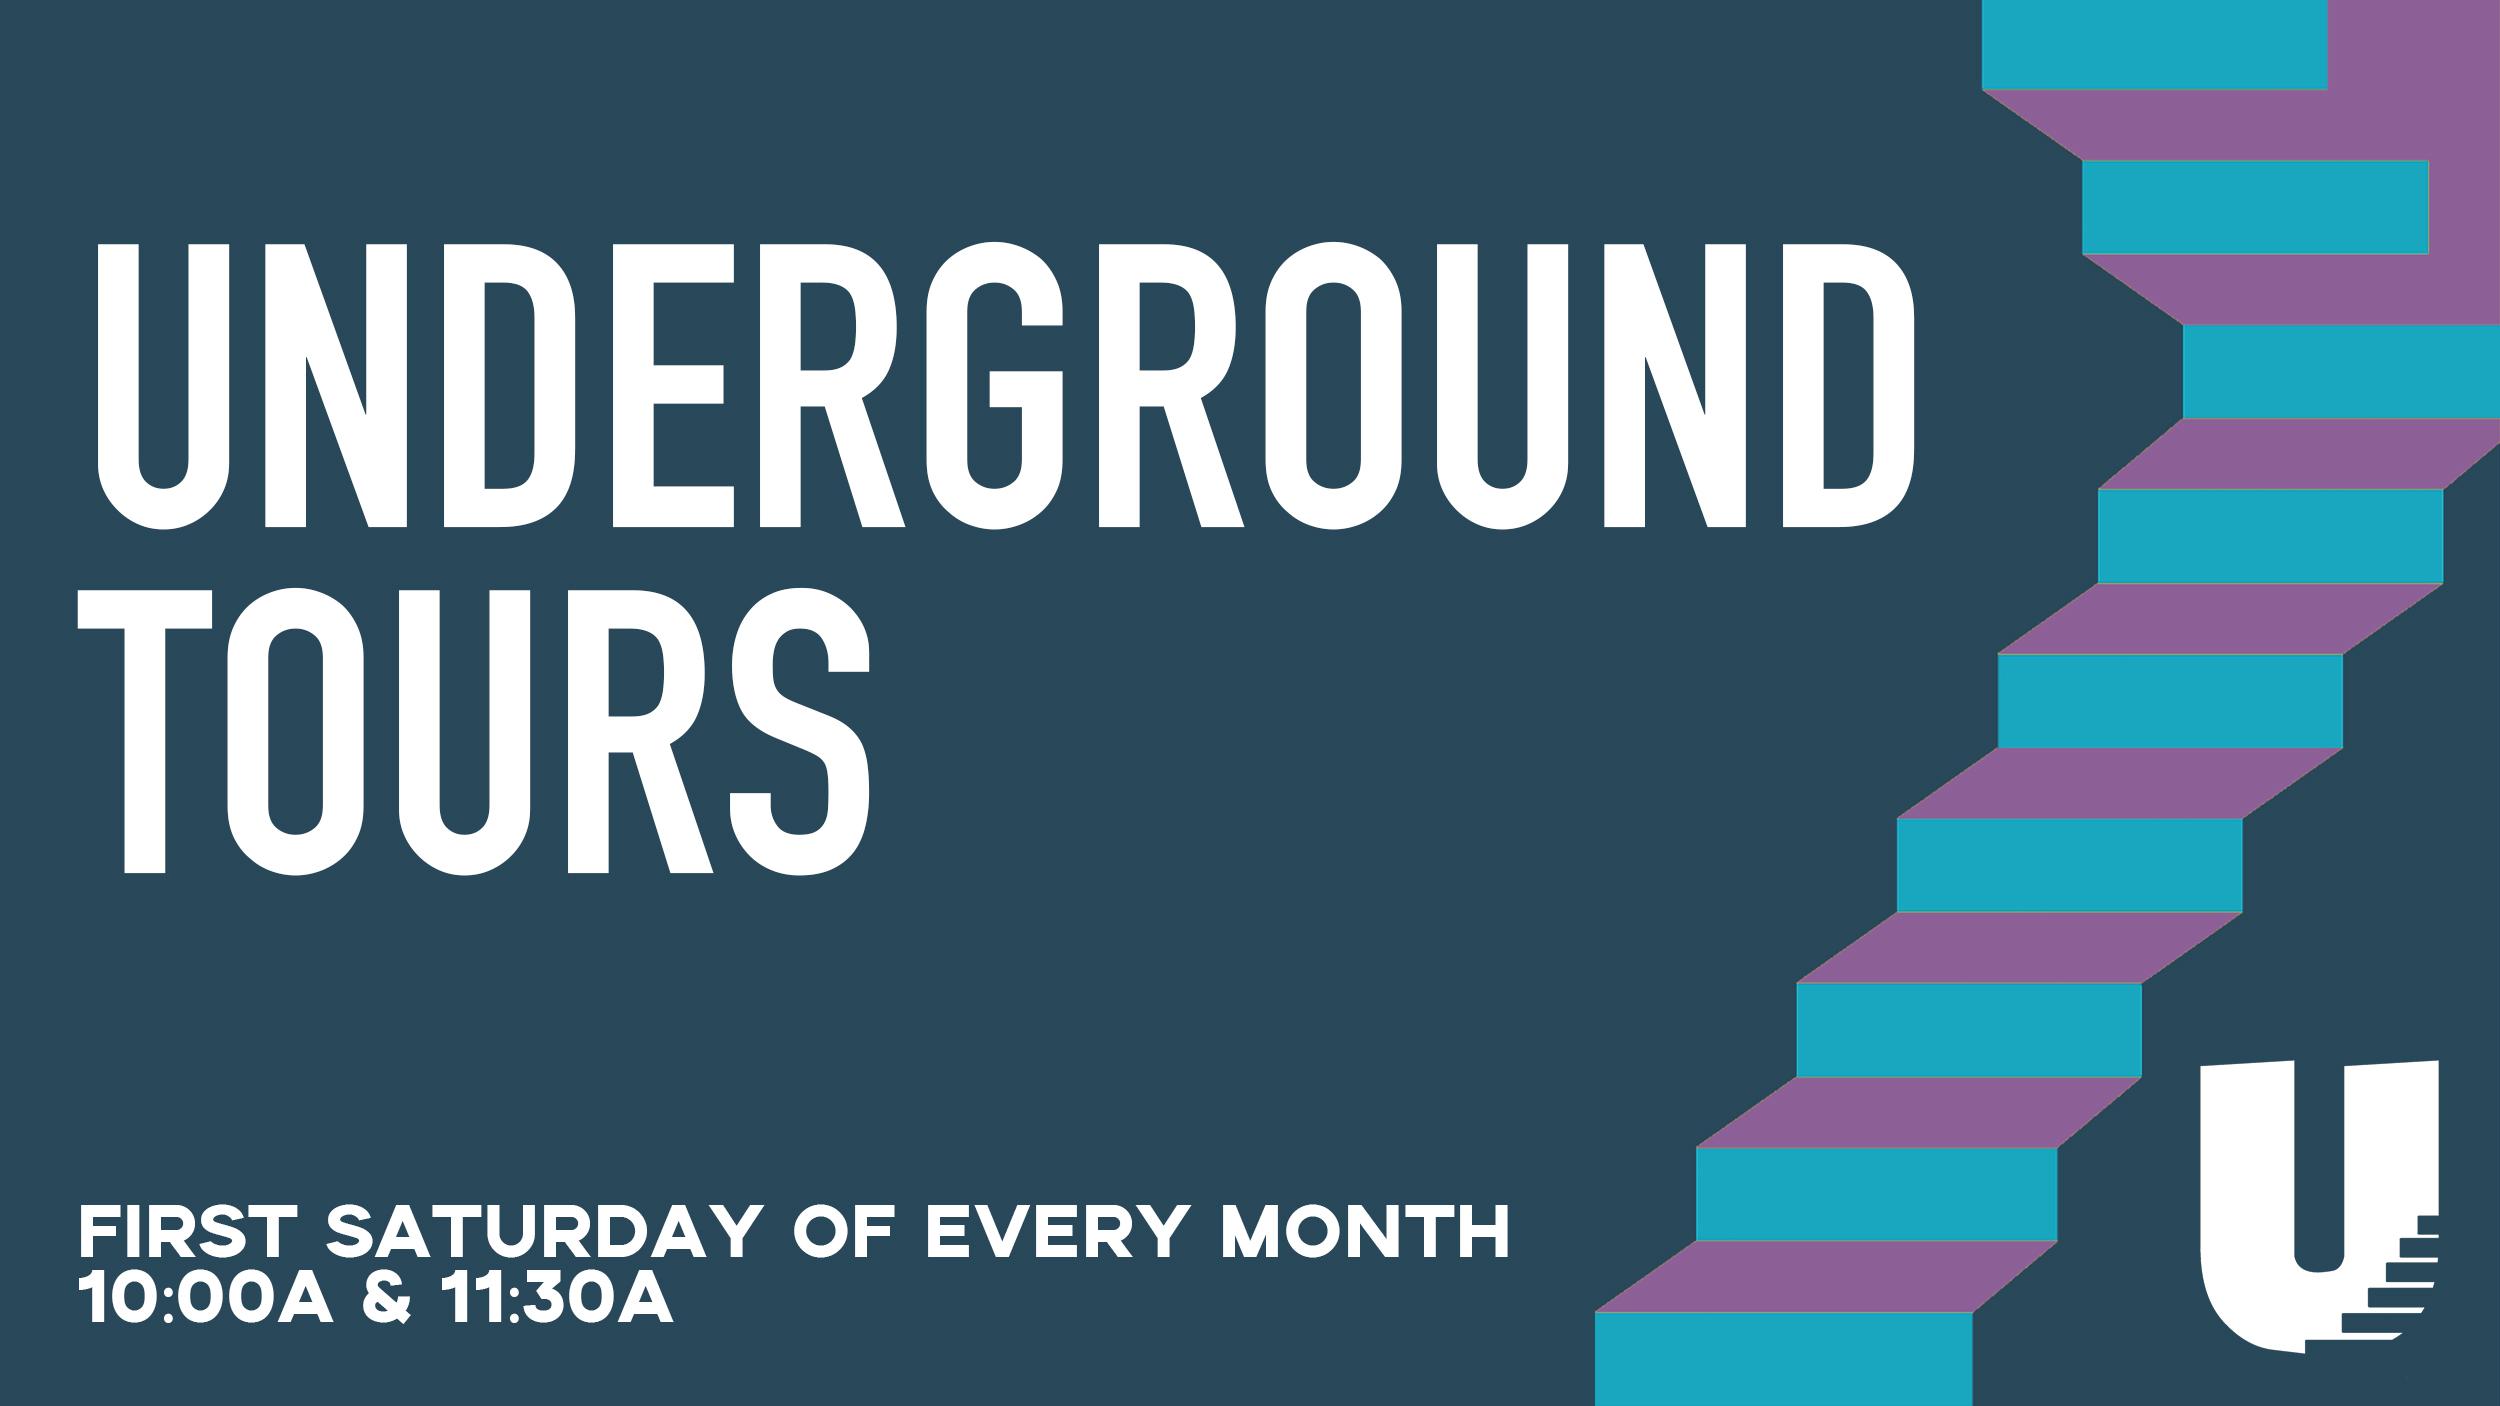 Underground Tours